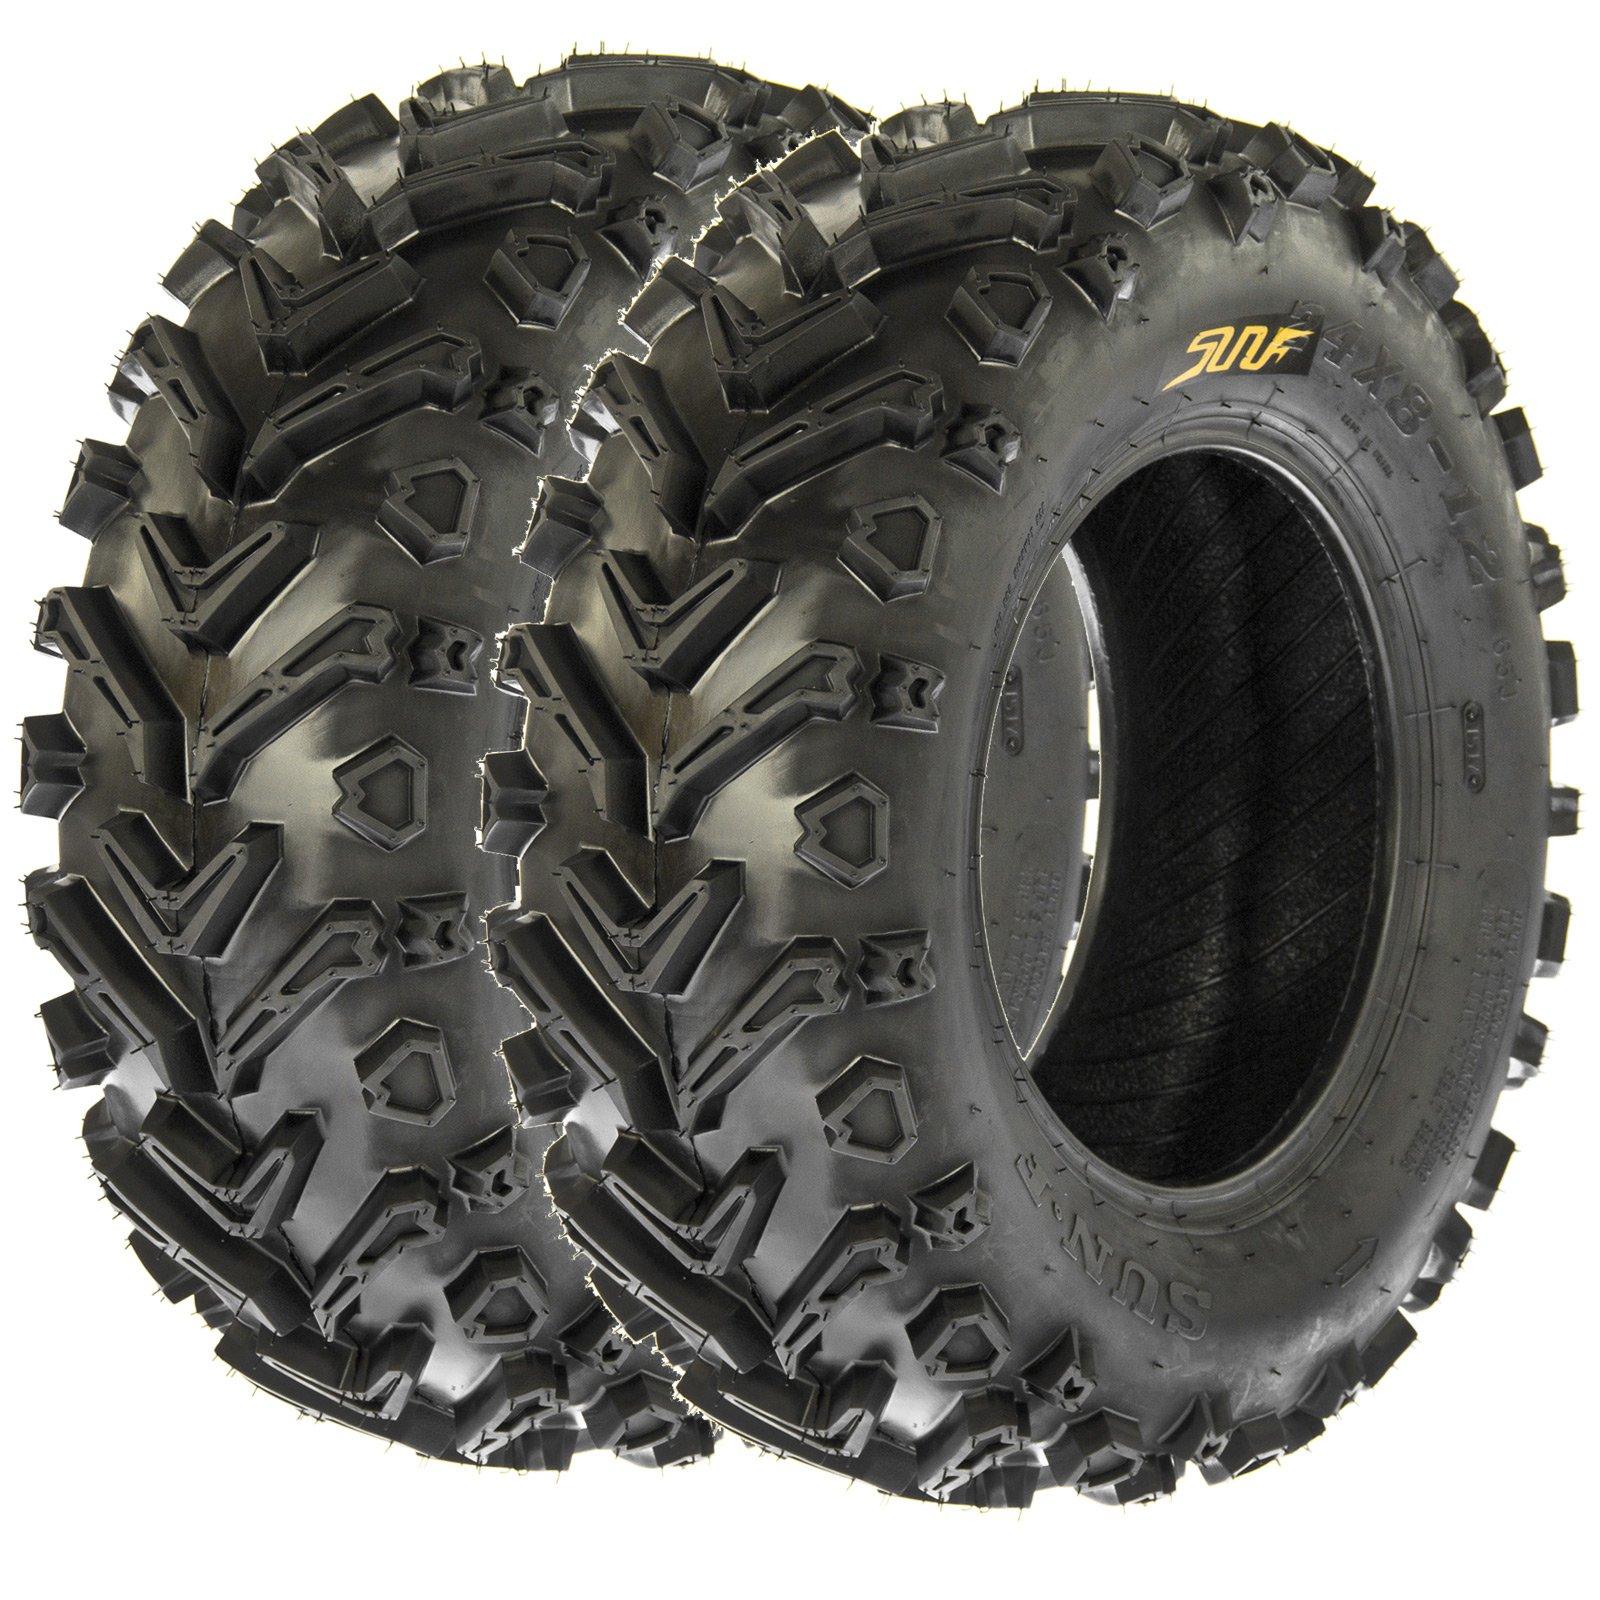 SunF 24x8-12 24x8x12 All Terrain Mud ATV UTV Tires 6 PR A041 (Set pair of 2)